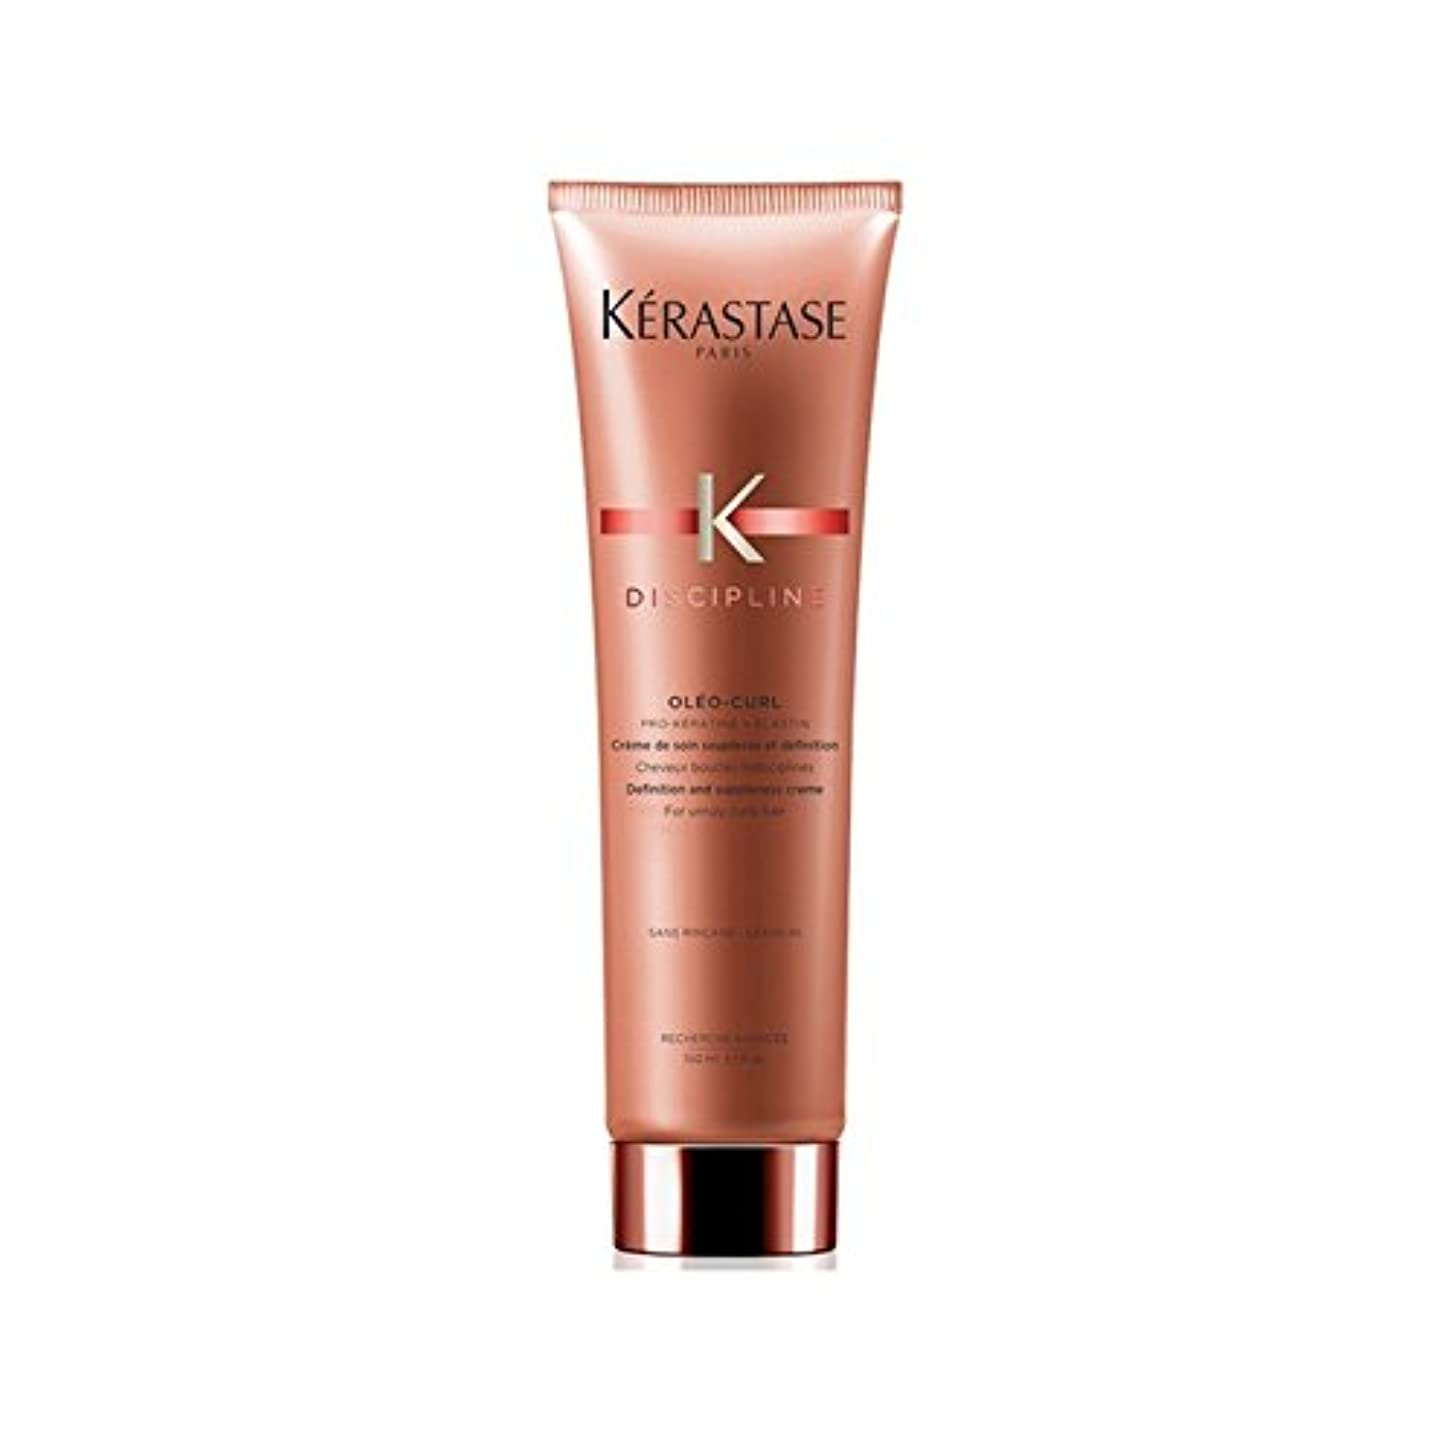 理想的なクレンジングコンディショナー400ミリリットルカールケラスターゼの規律 x4 - K?rastase Discipline Curl Ideal Cleansing Conditioner 400ml (Pack...